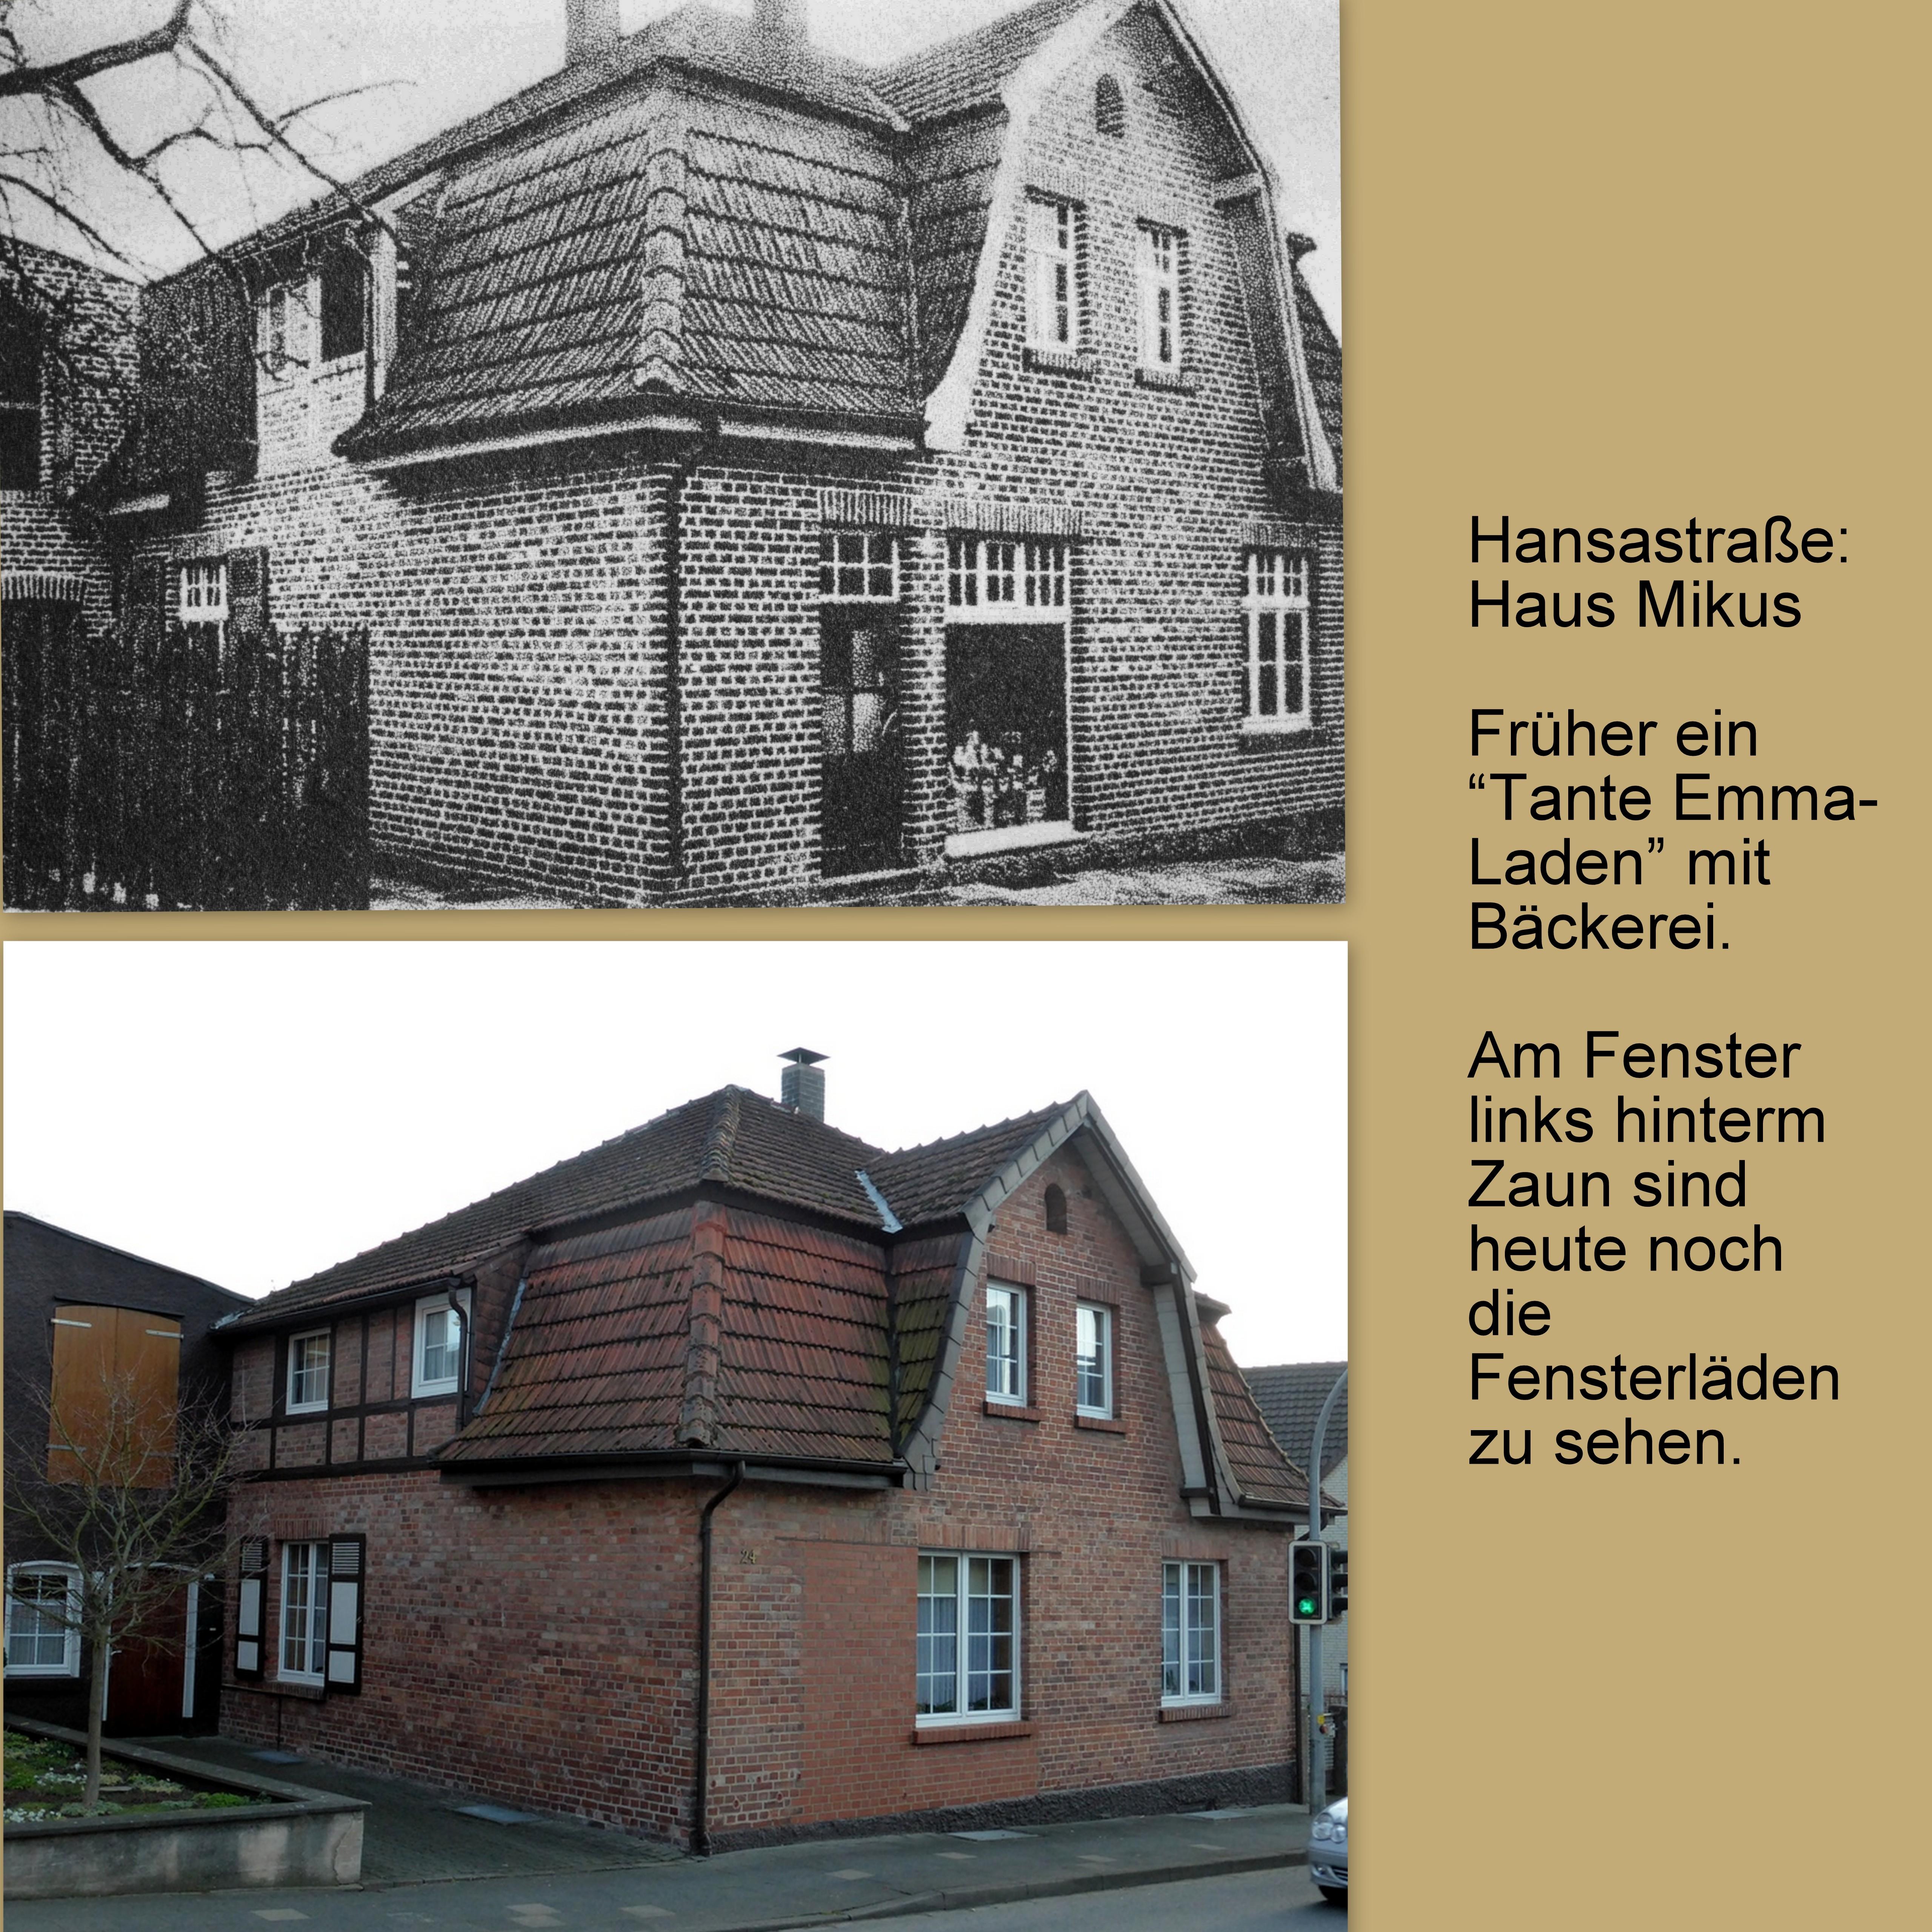 Haus-Mikus